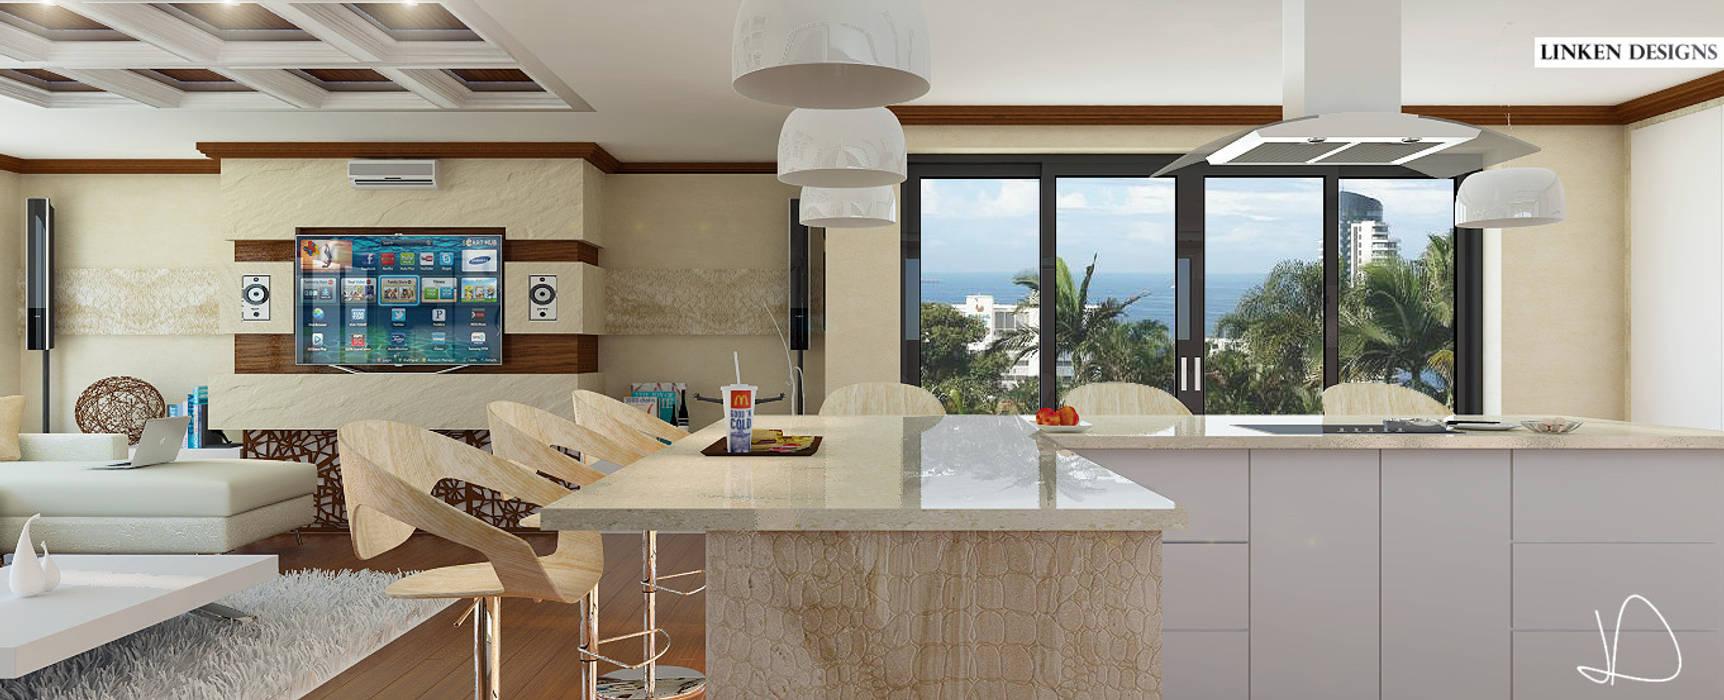 Bespoke Modern Kitchen:  Built-in kitchens by Linken Designs